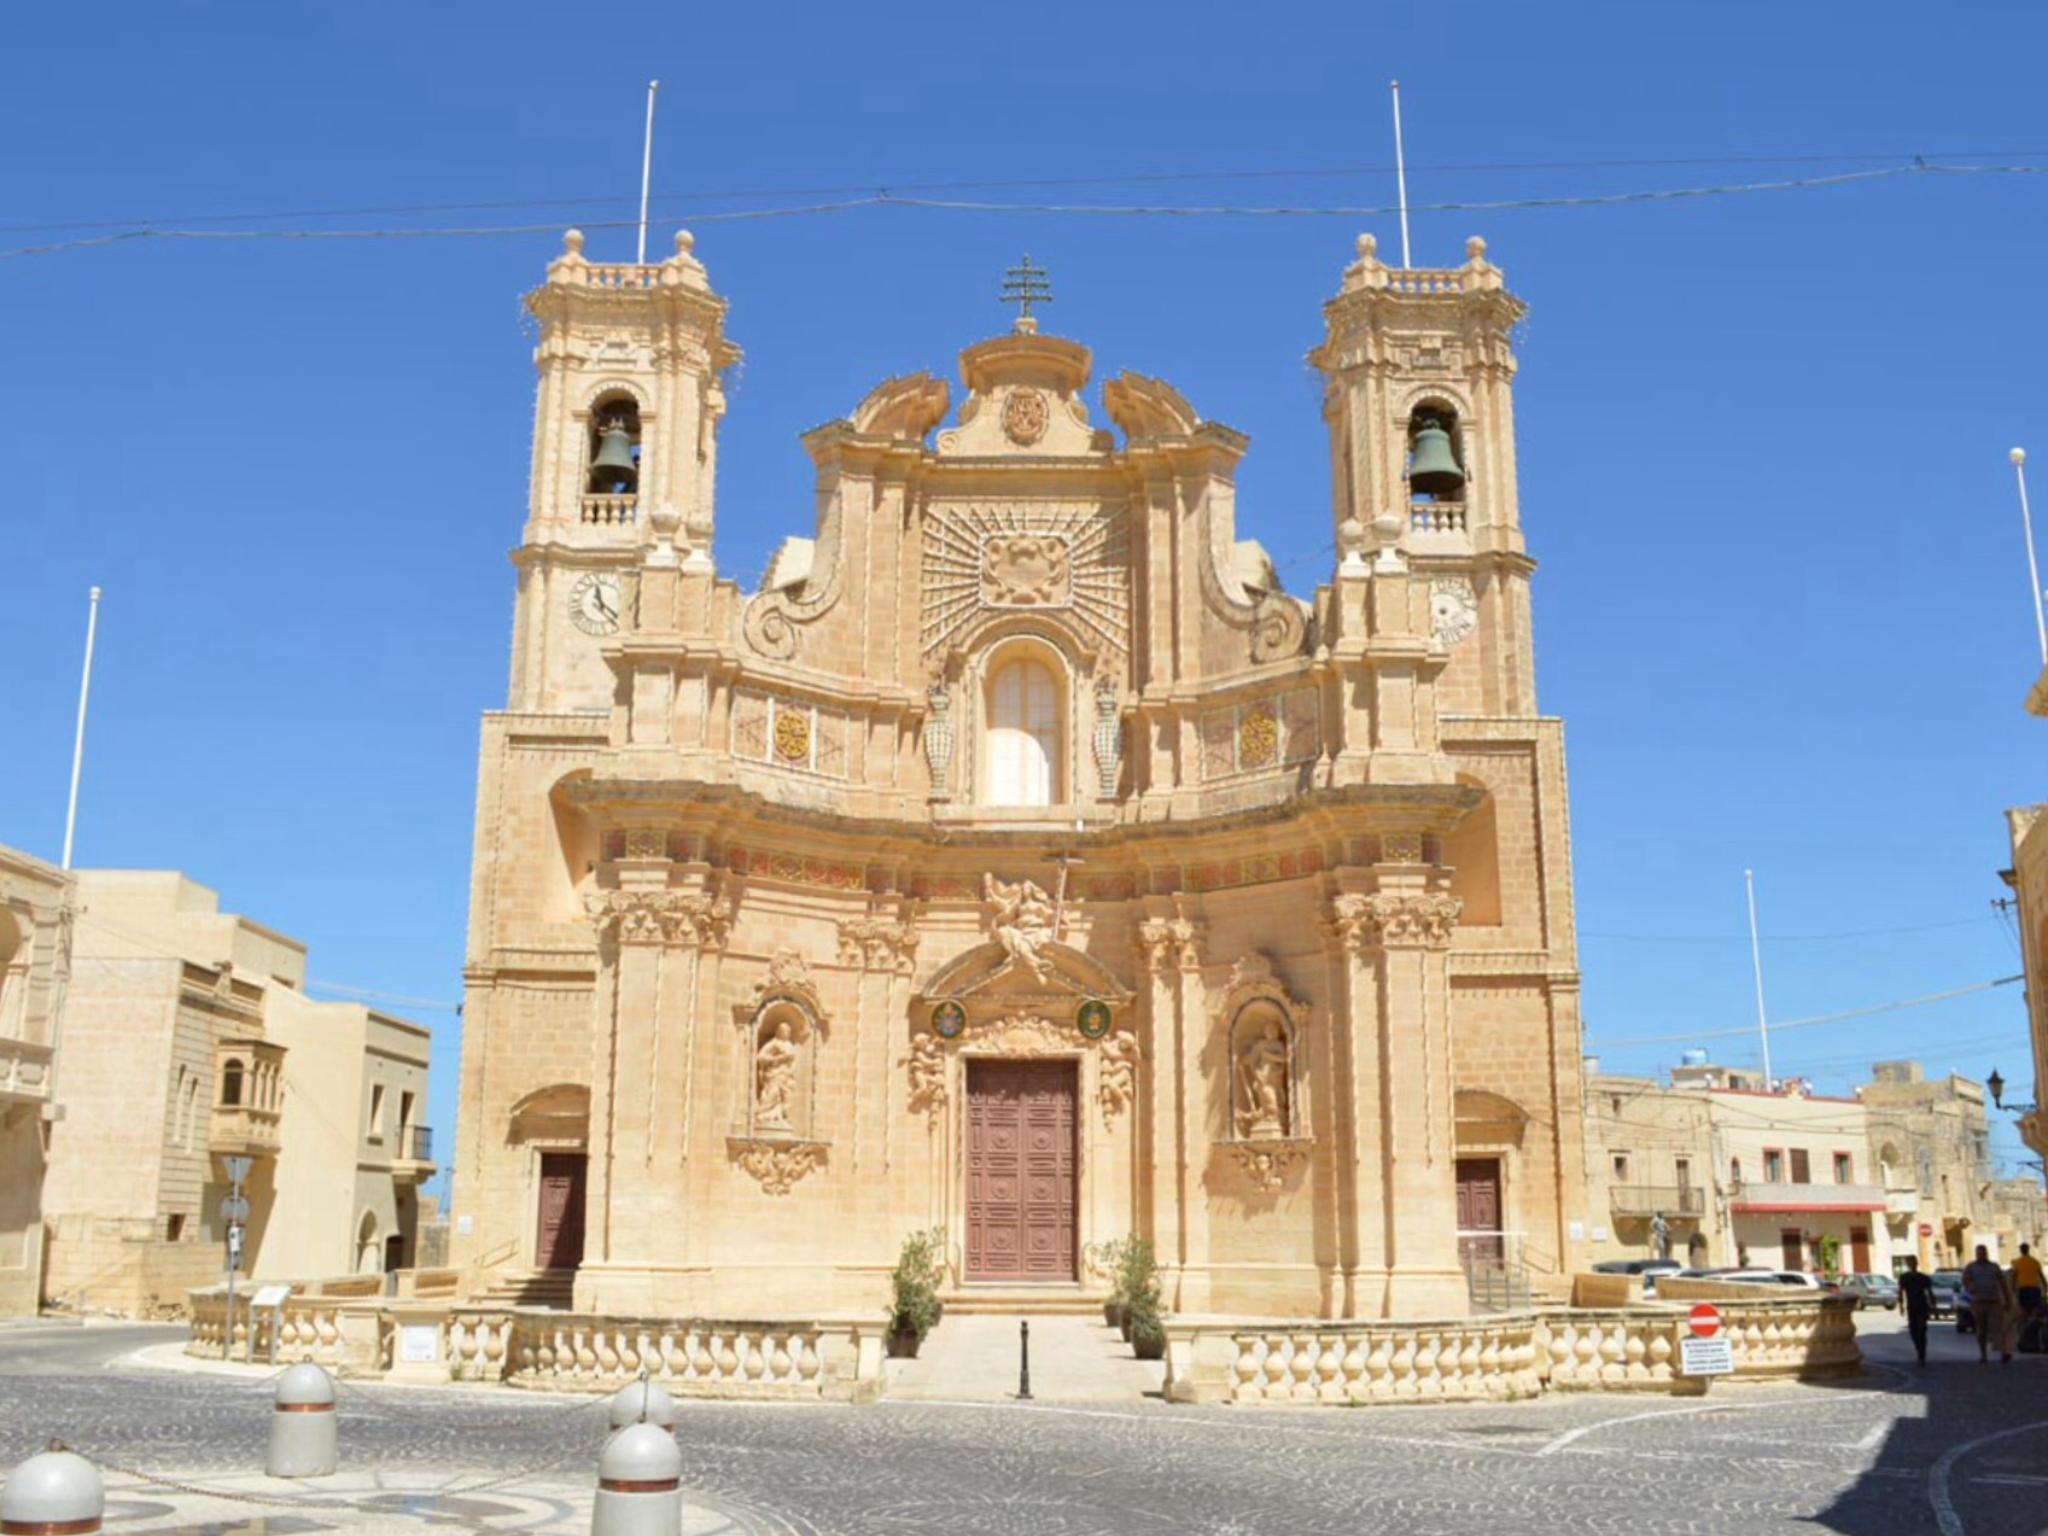 Basilica of the Visitation, Għarb - Wikipedia